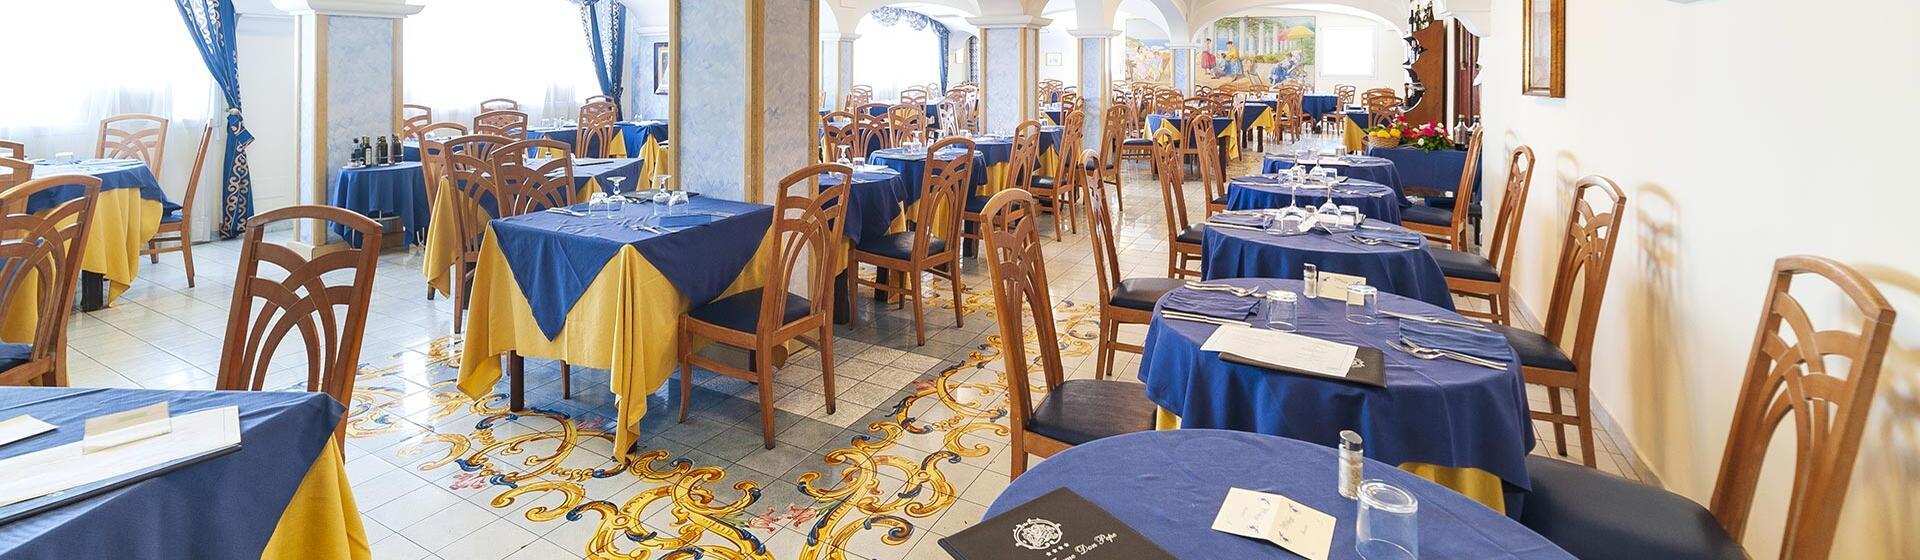 hoteldonpepe de restaurant 005